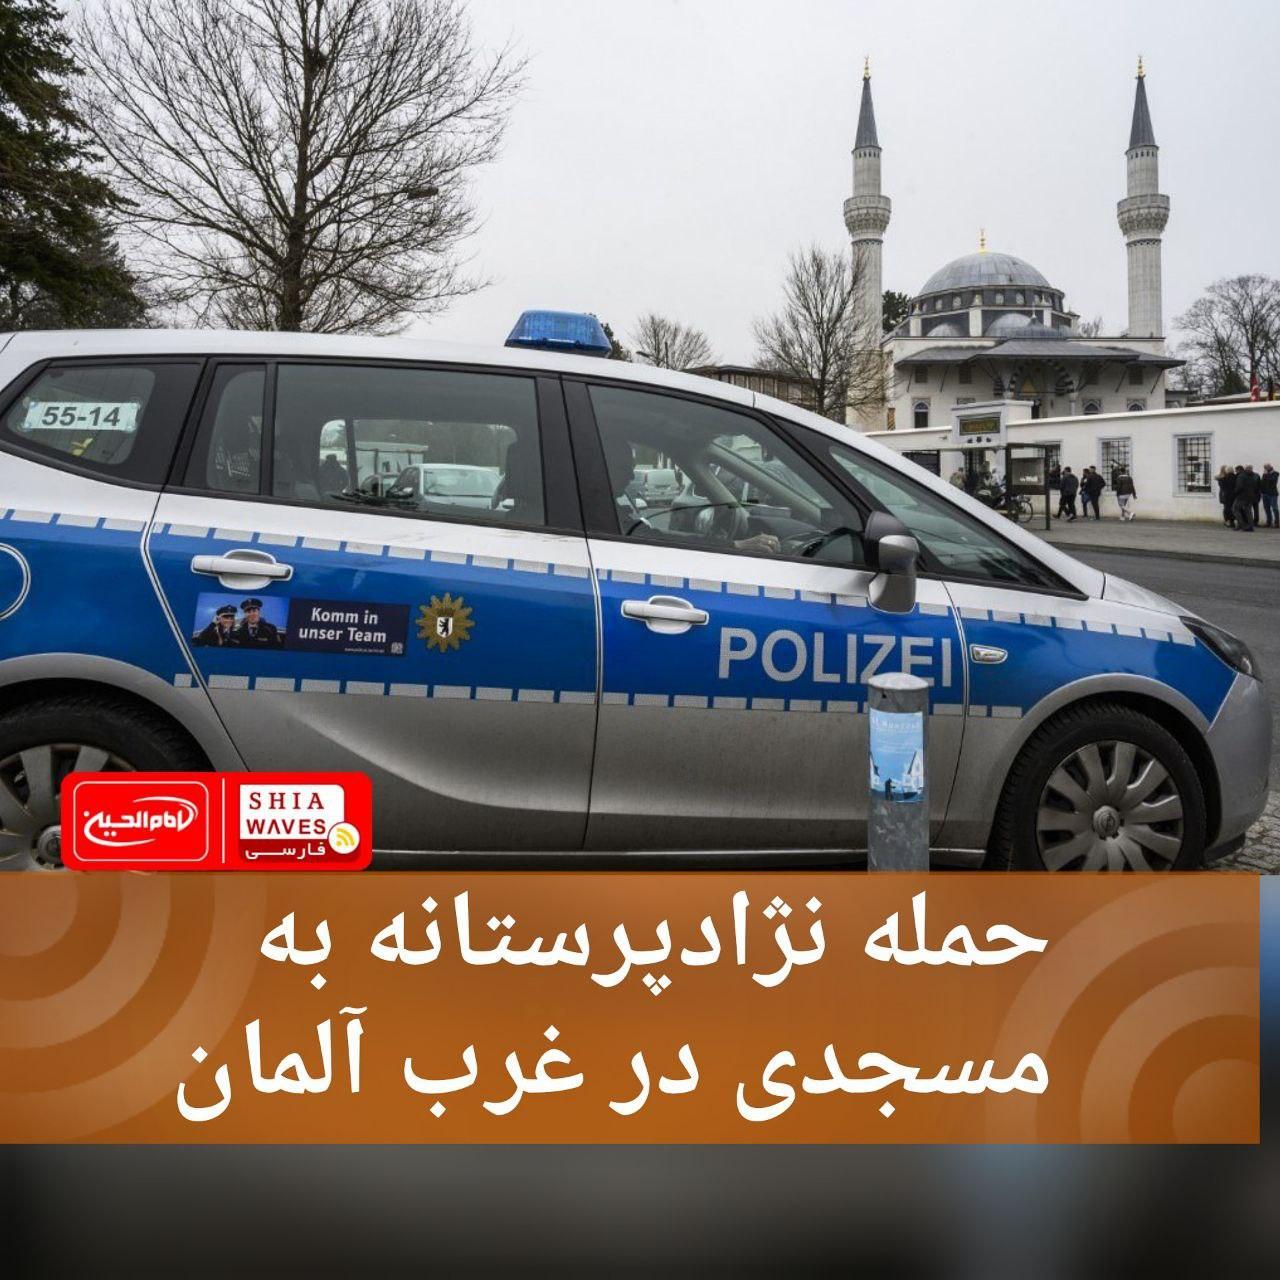 تصویر حمله نژادپرستانه به مسجدی در غرب آلمان